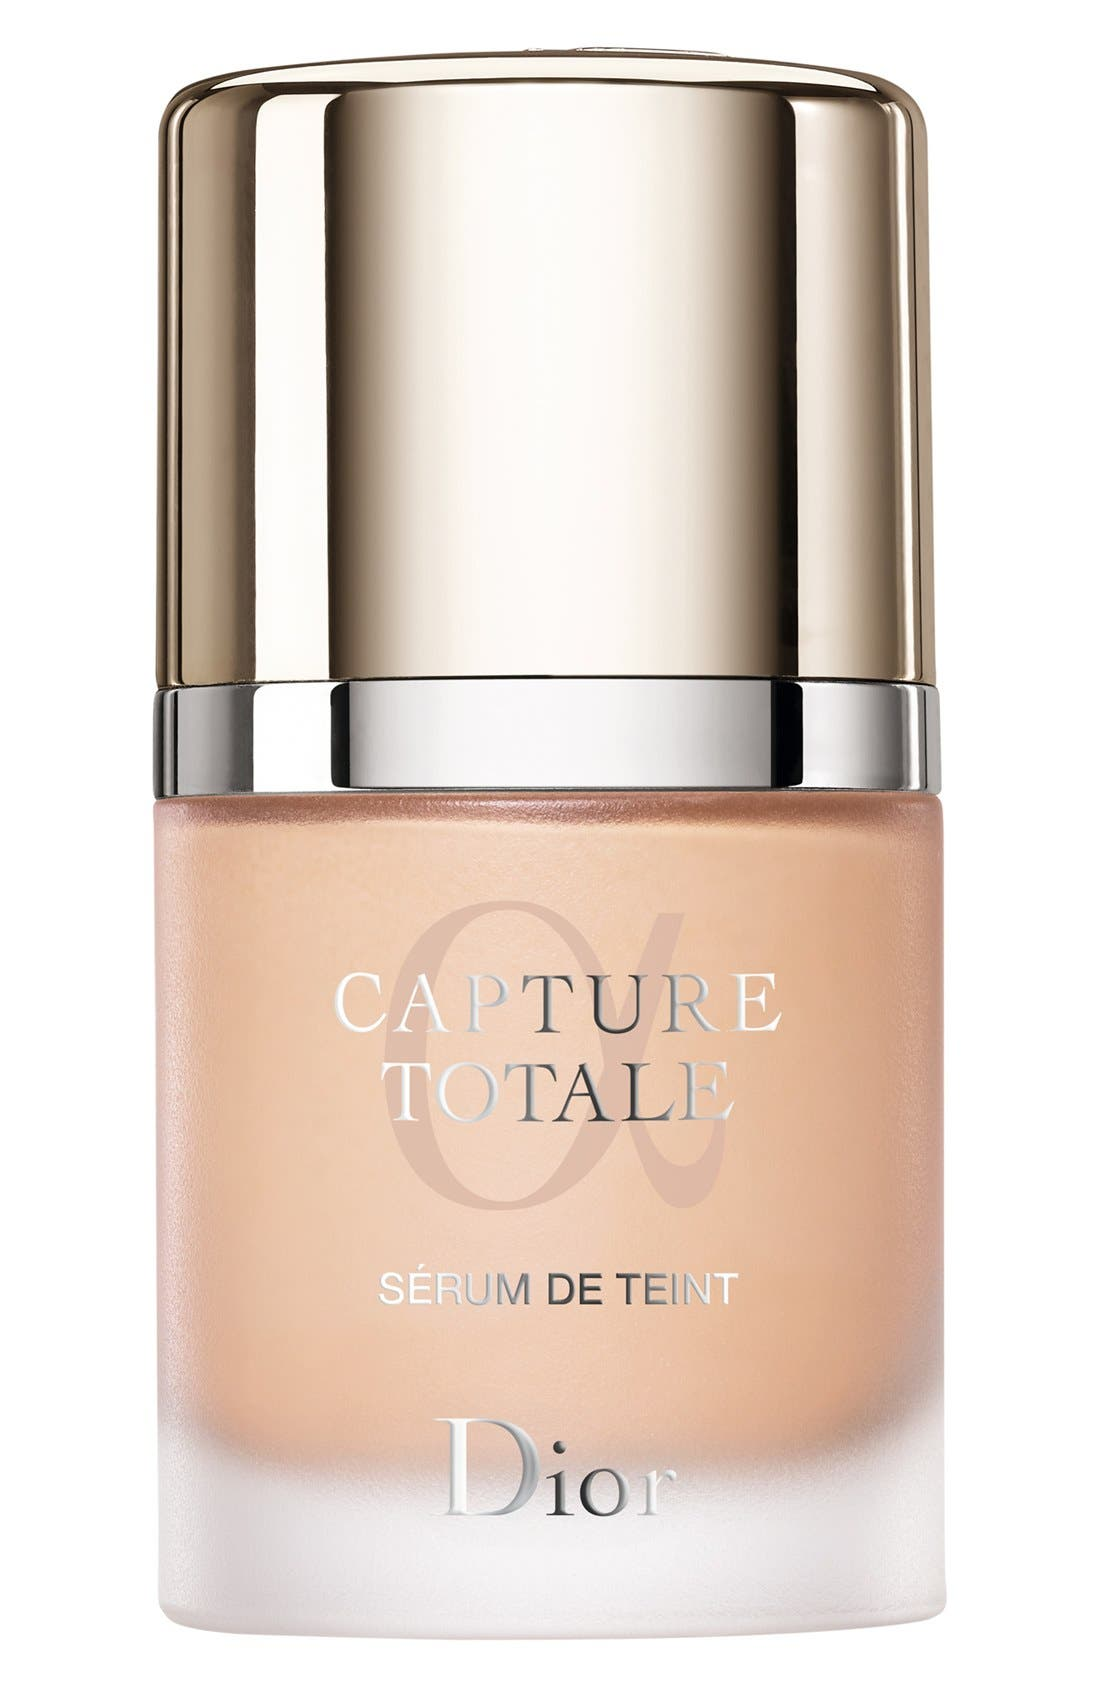 Dior Capture Totale Foundation Spf 25, oz - 020 Light Beige